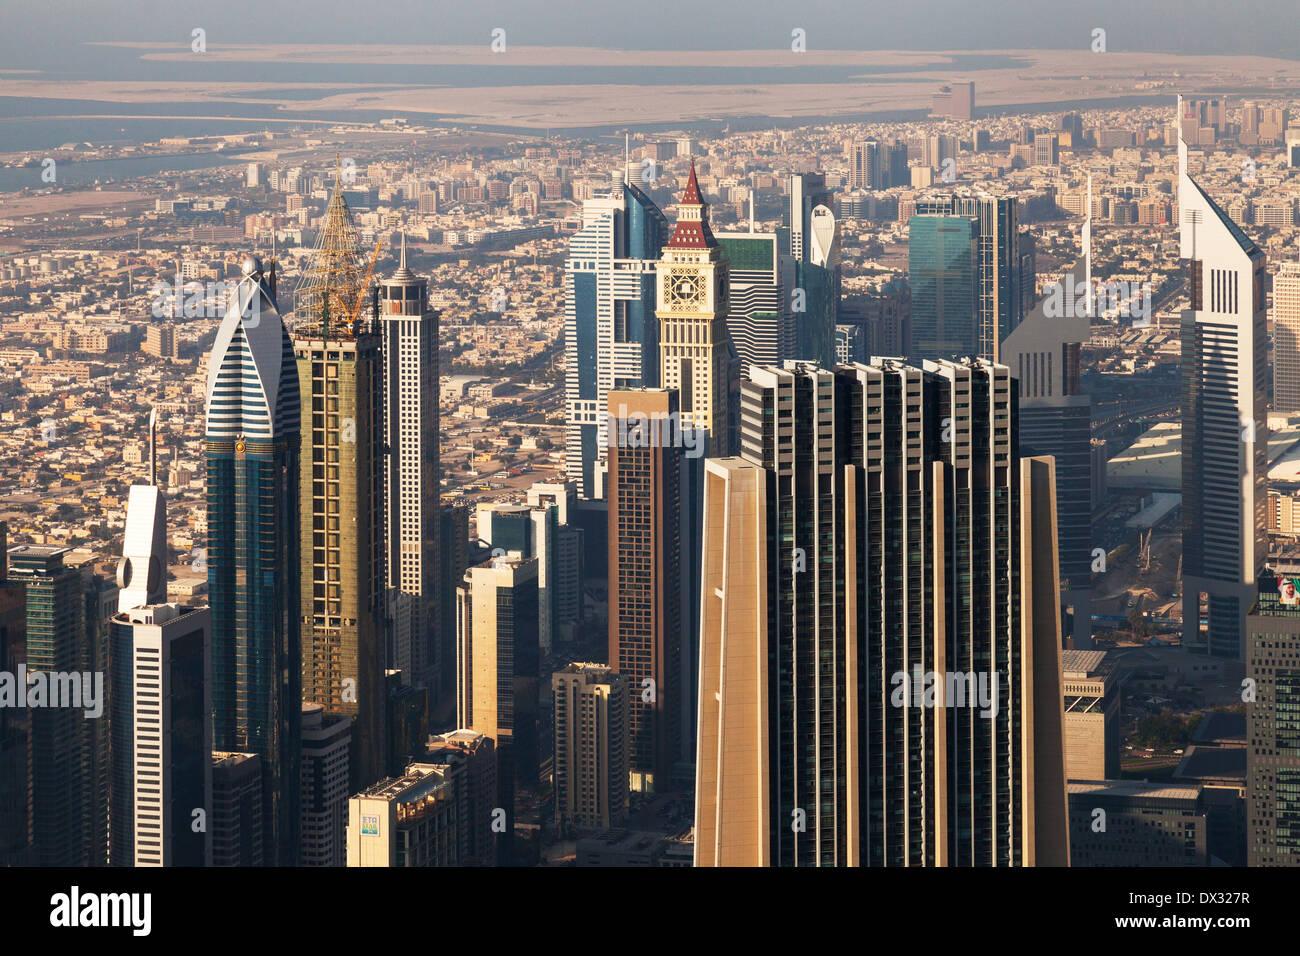 La ciudad de Dubai rascacielos en un paisaje visto desde arriba en la plataforma de observación, Burj Khalifa, Dubai, Foto de stock